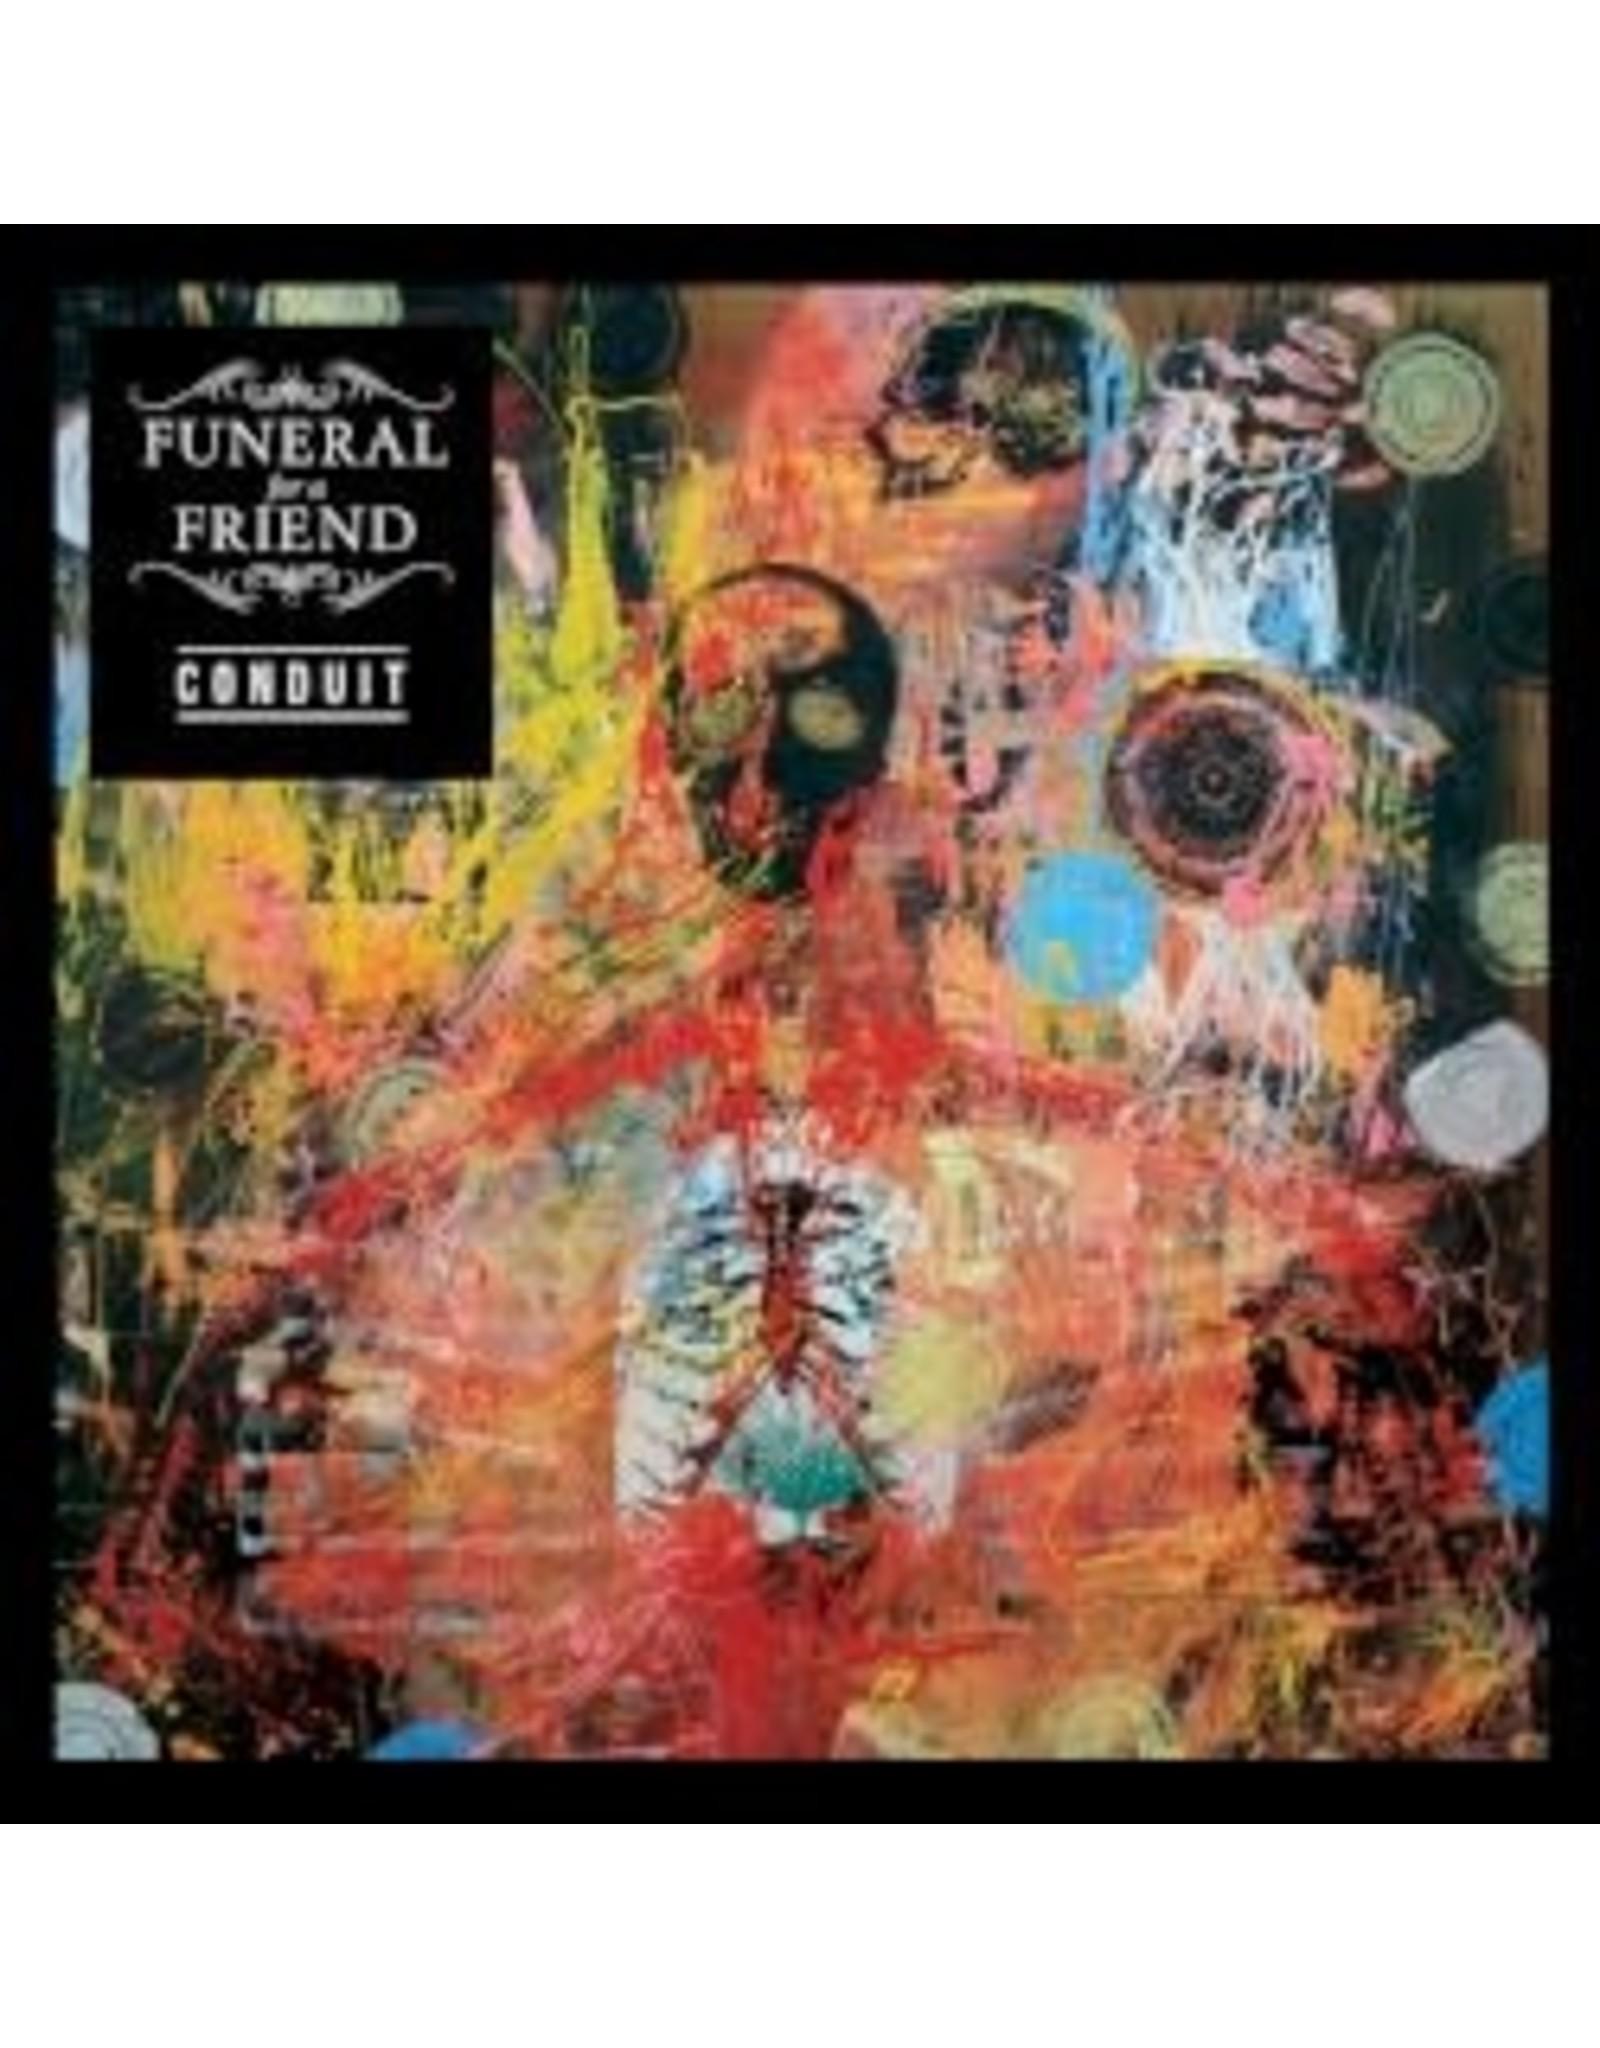 Funeral For A Friend - Conduit LP